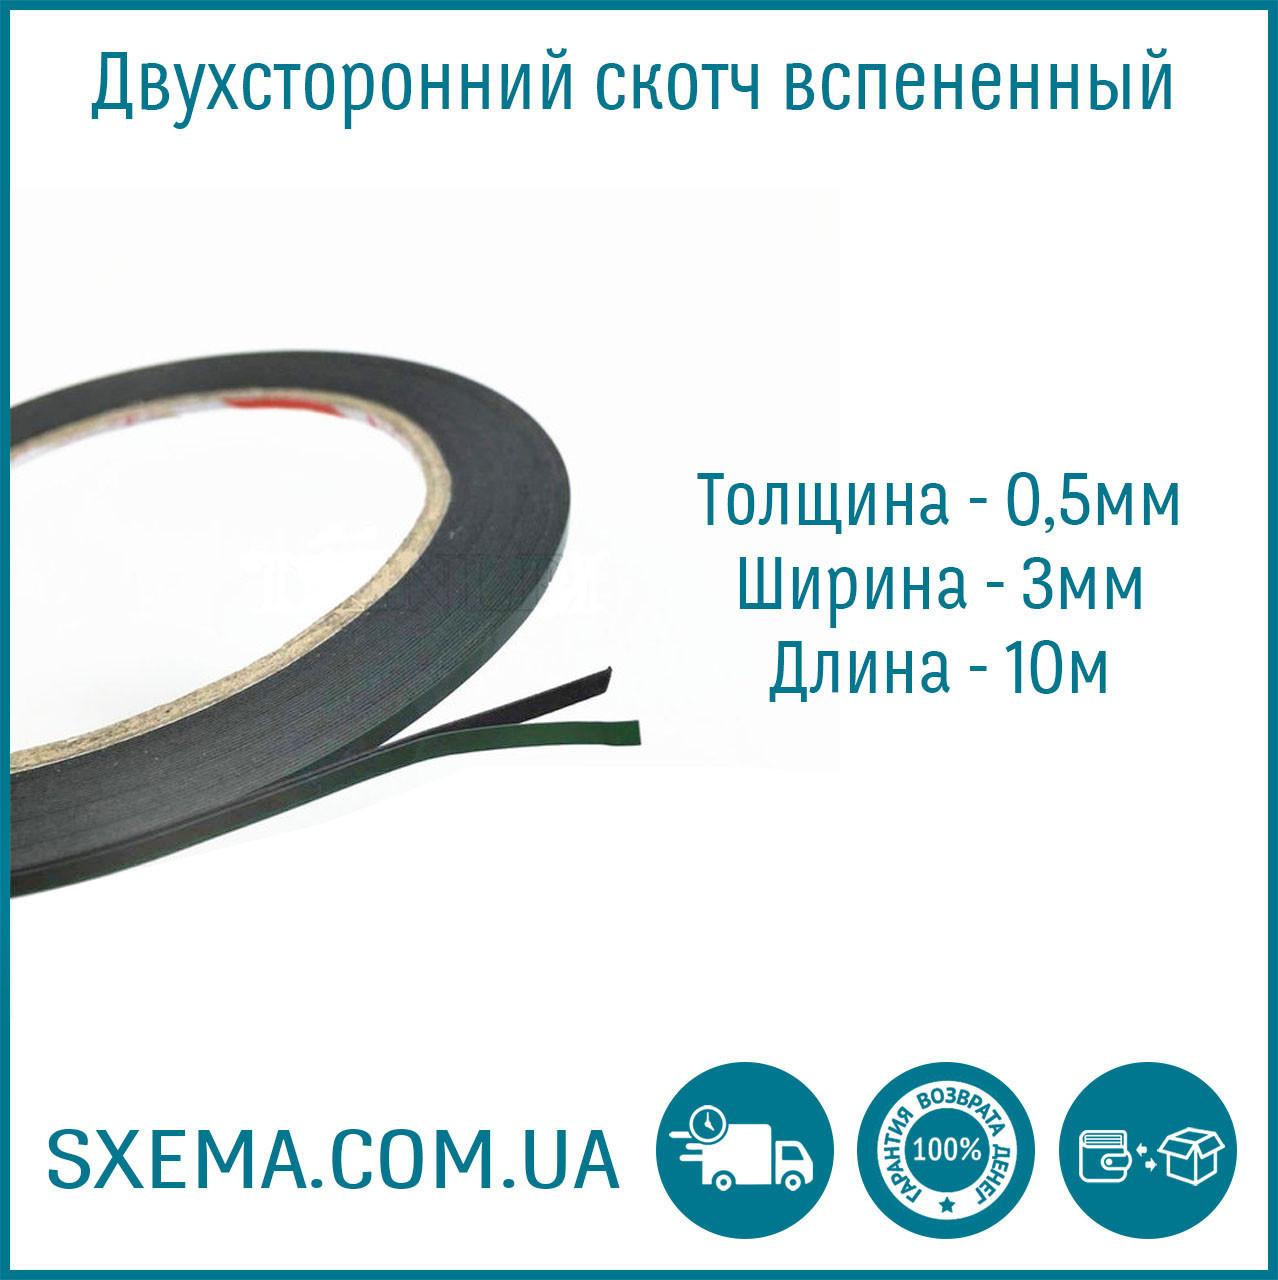 Двухсторонний скотч вспененный толщина 0.5мм, ширина 3мм, длина 10м